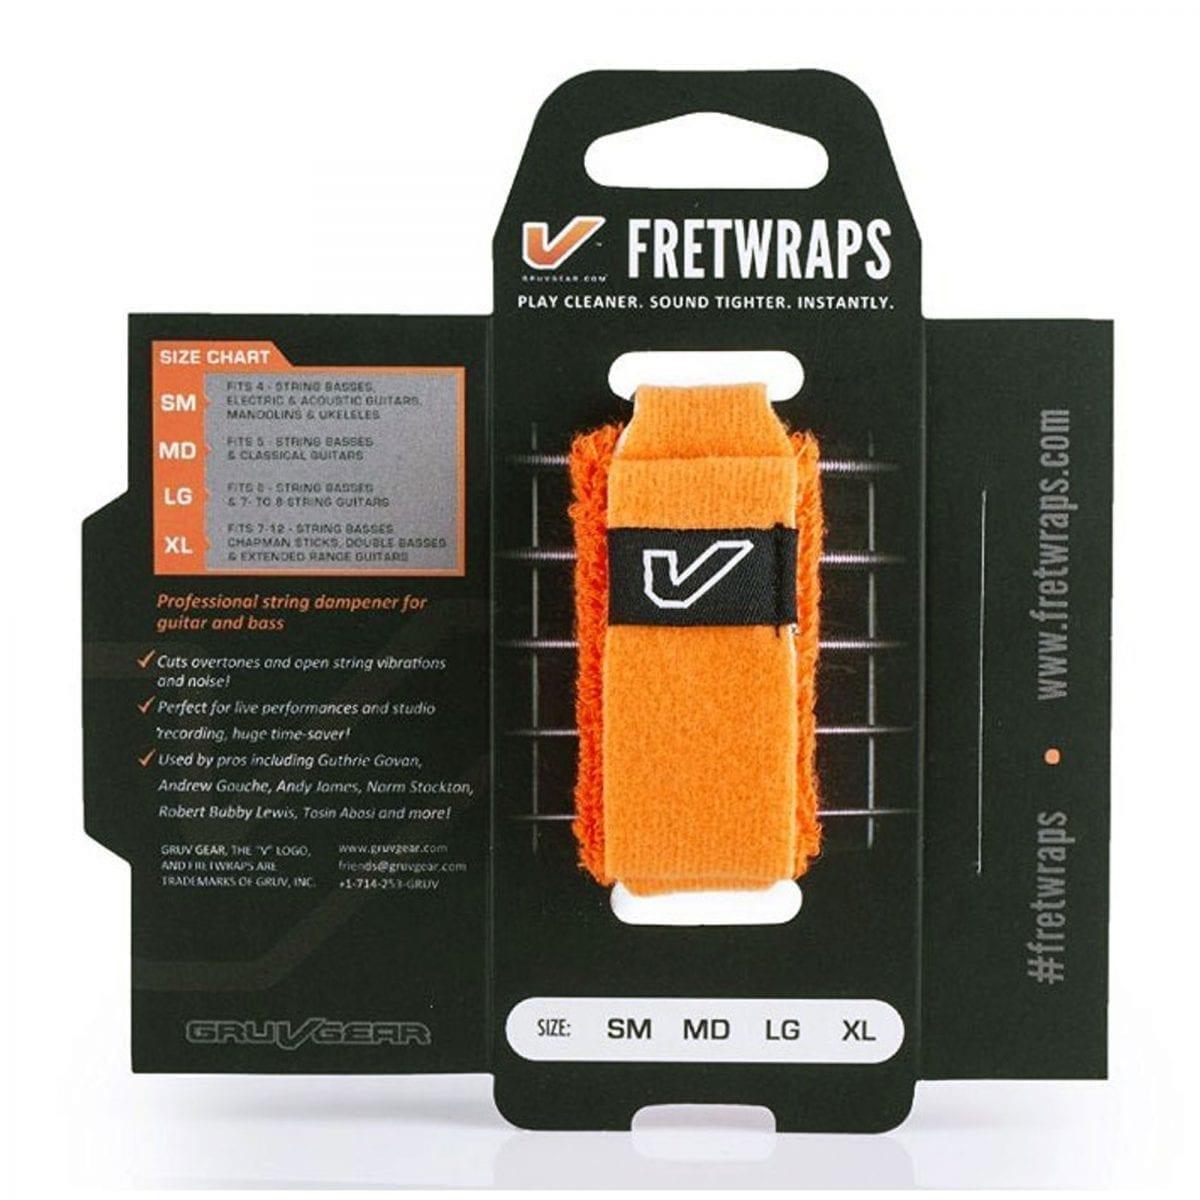 Gruv Gear FretWraps HD Flare-7913